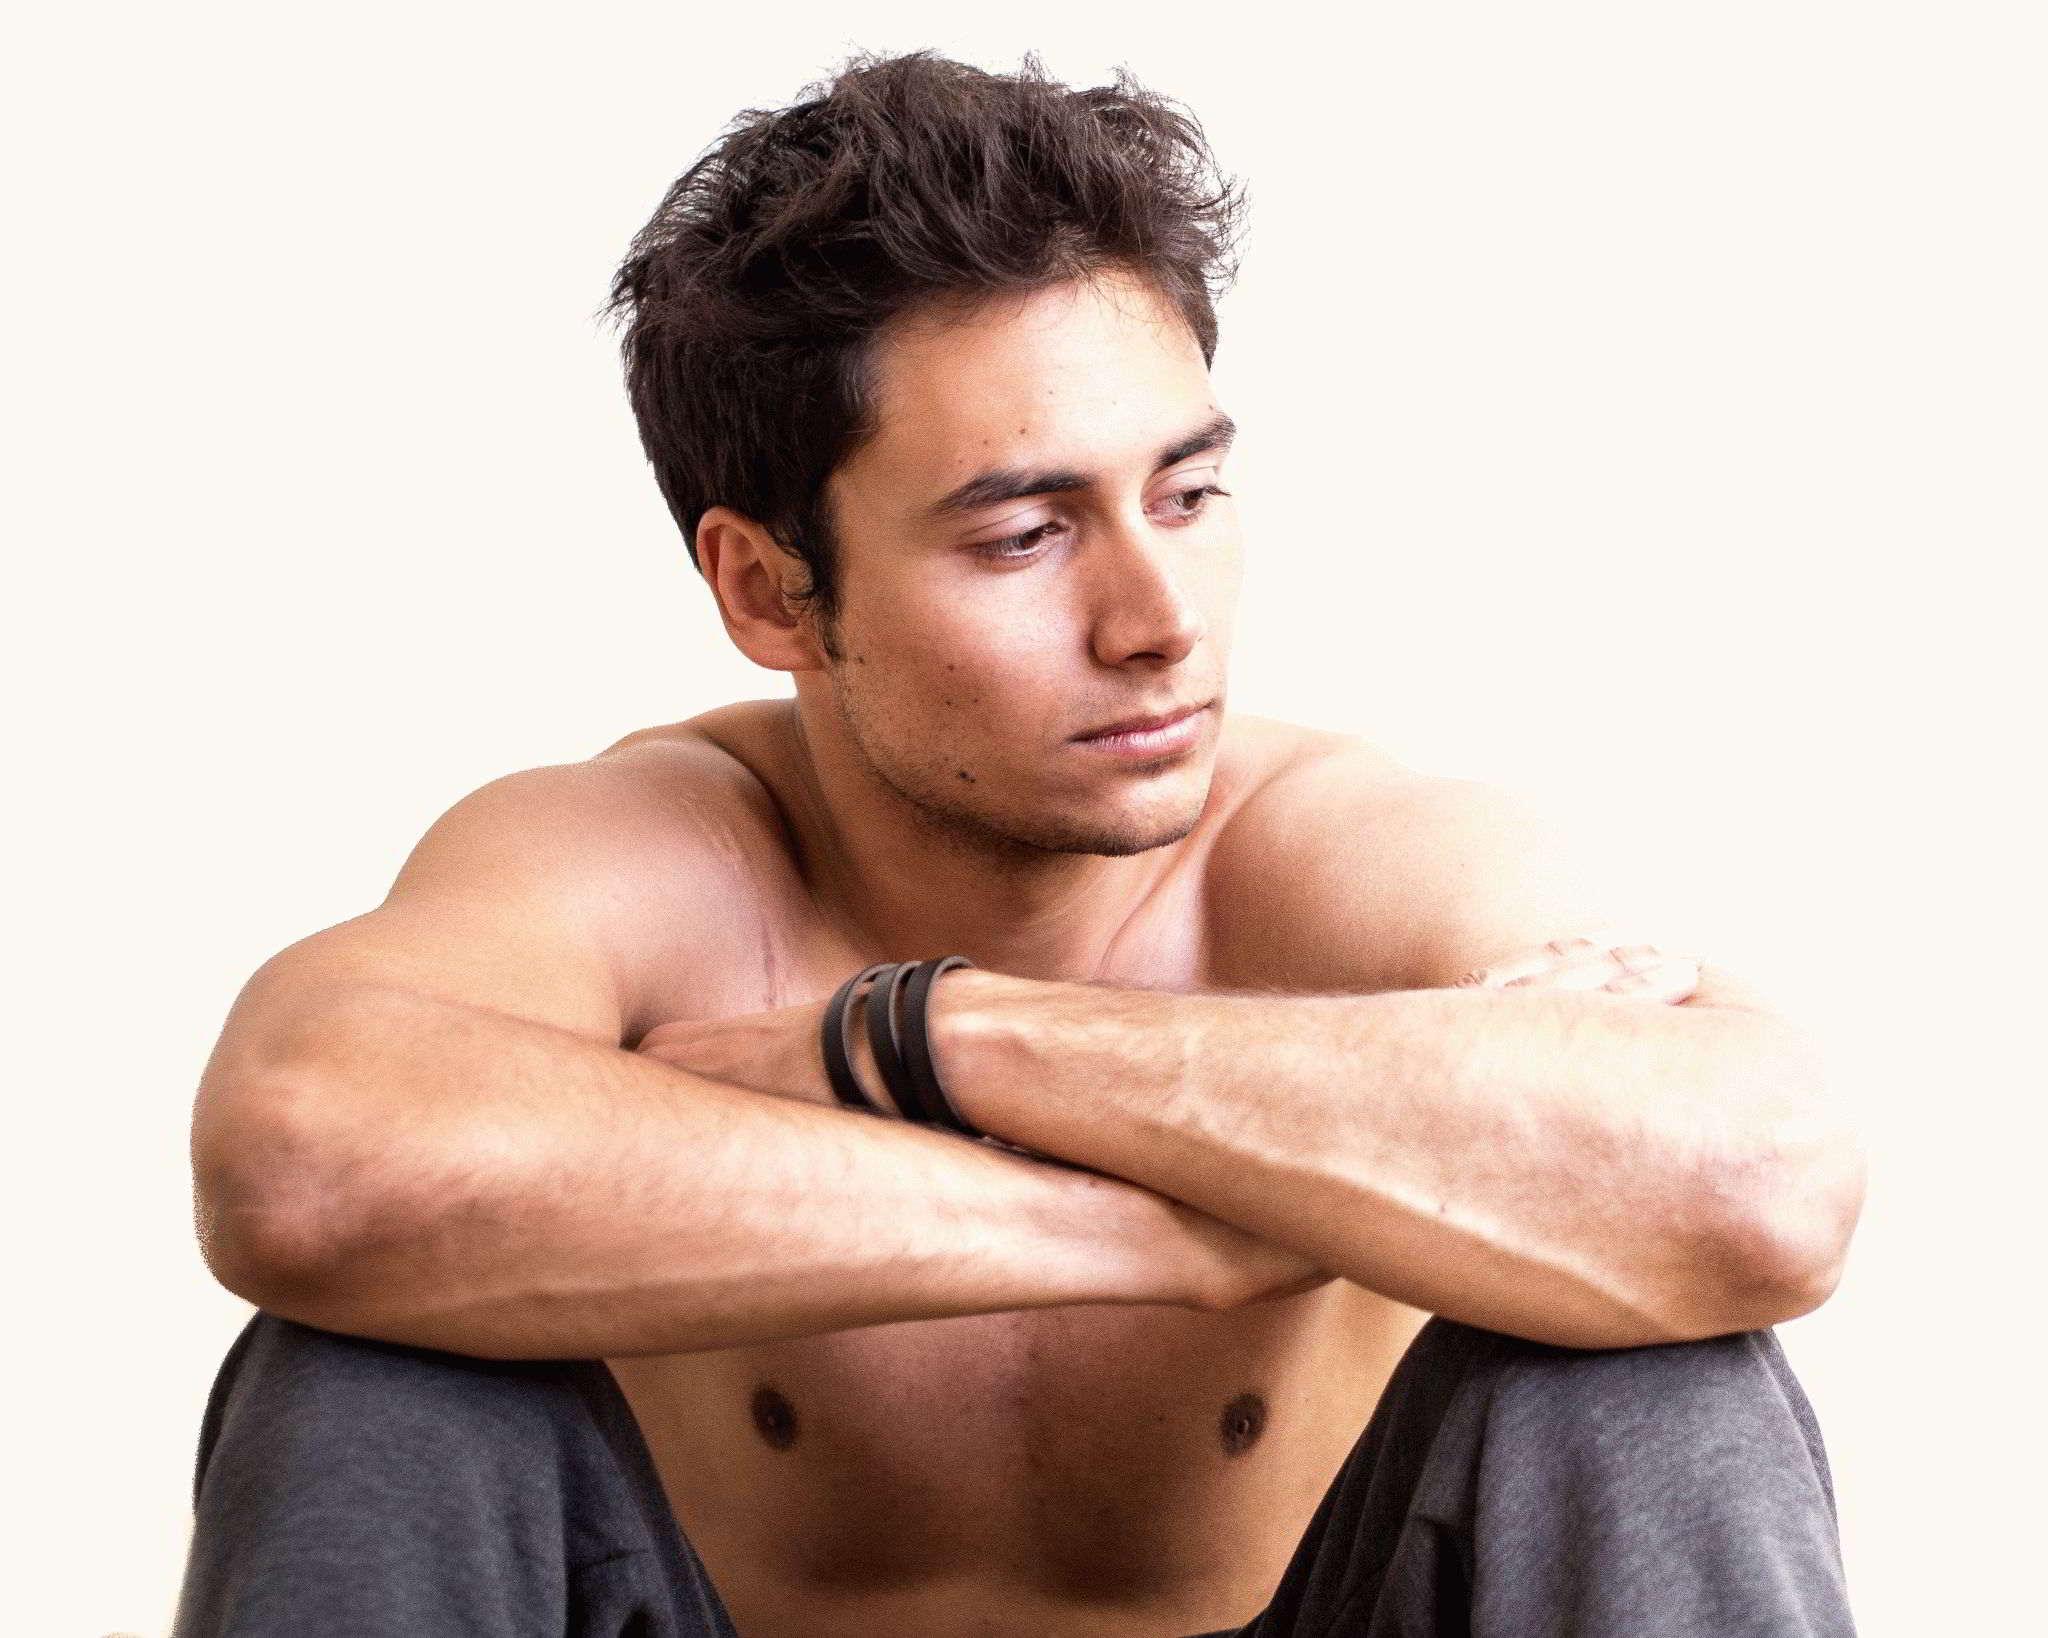 Как мотивировать мужа похудеть и заняться спортом